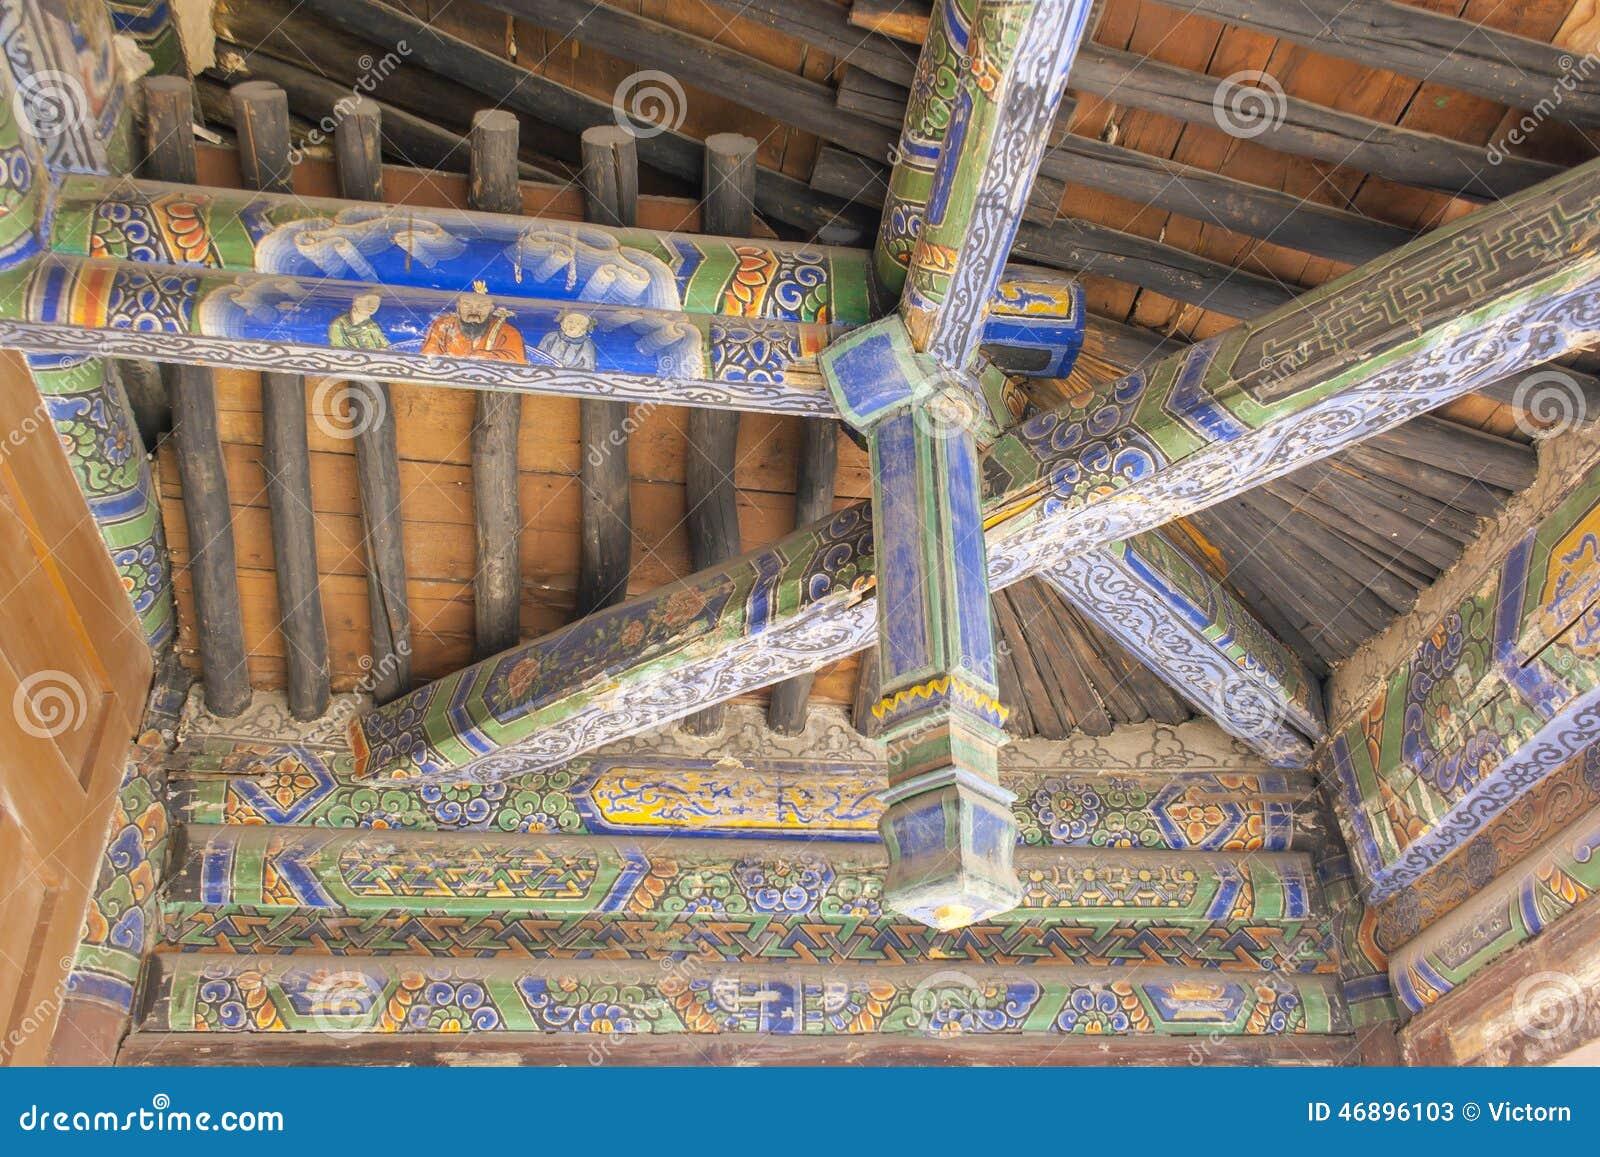 Tejado de madera viejo de la viga transversal foto de for Tejado de madera en ingles